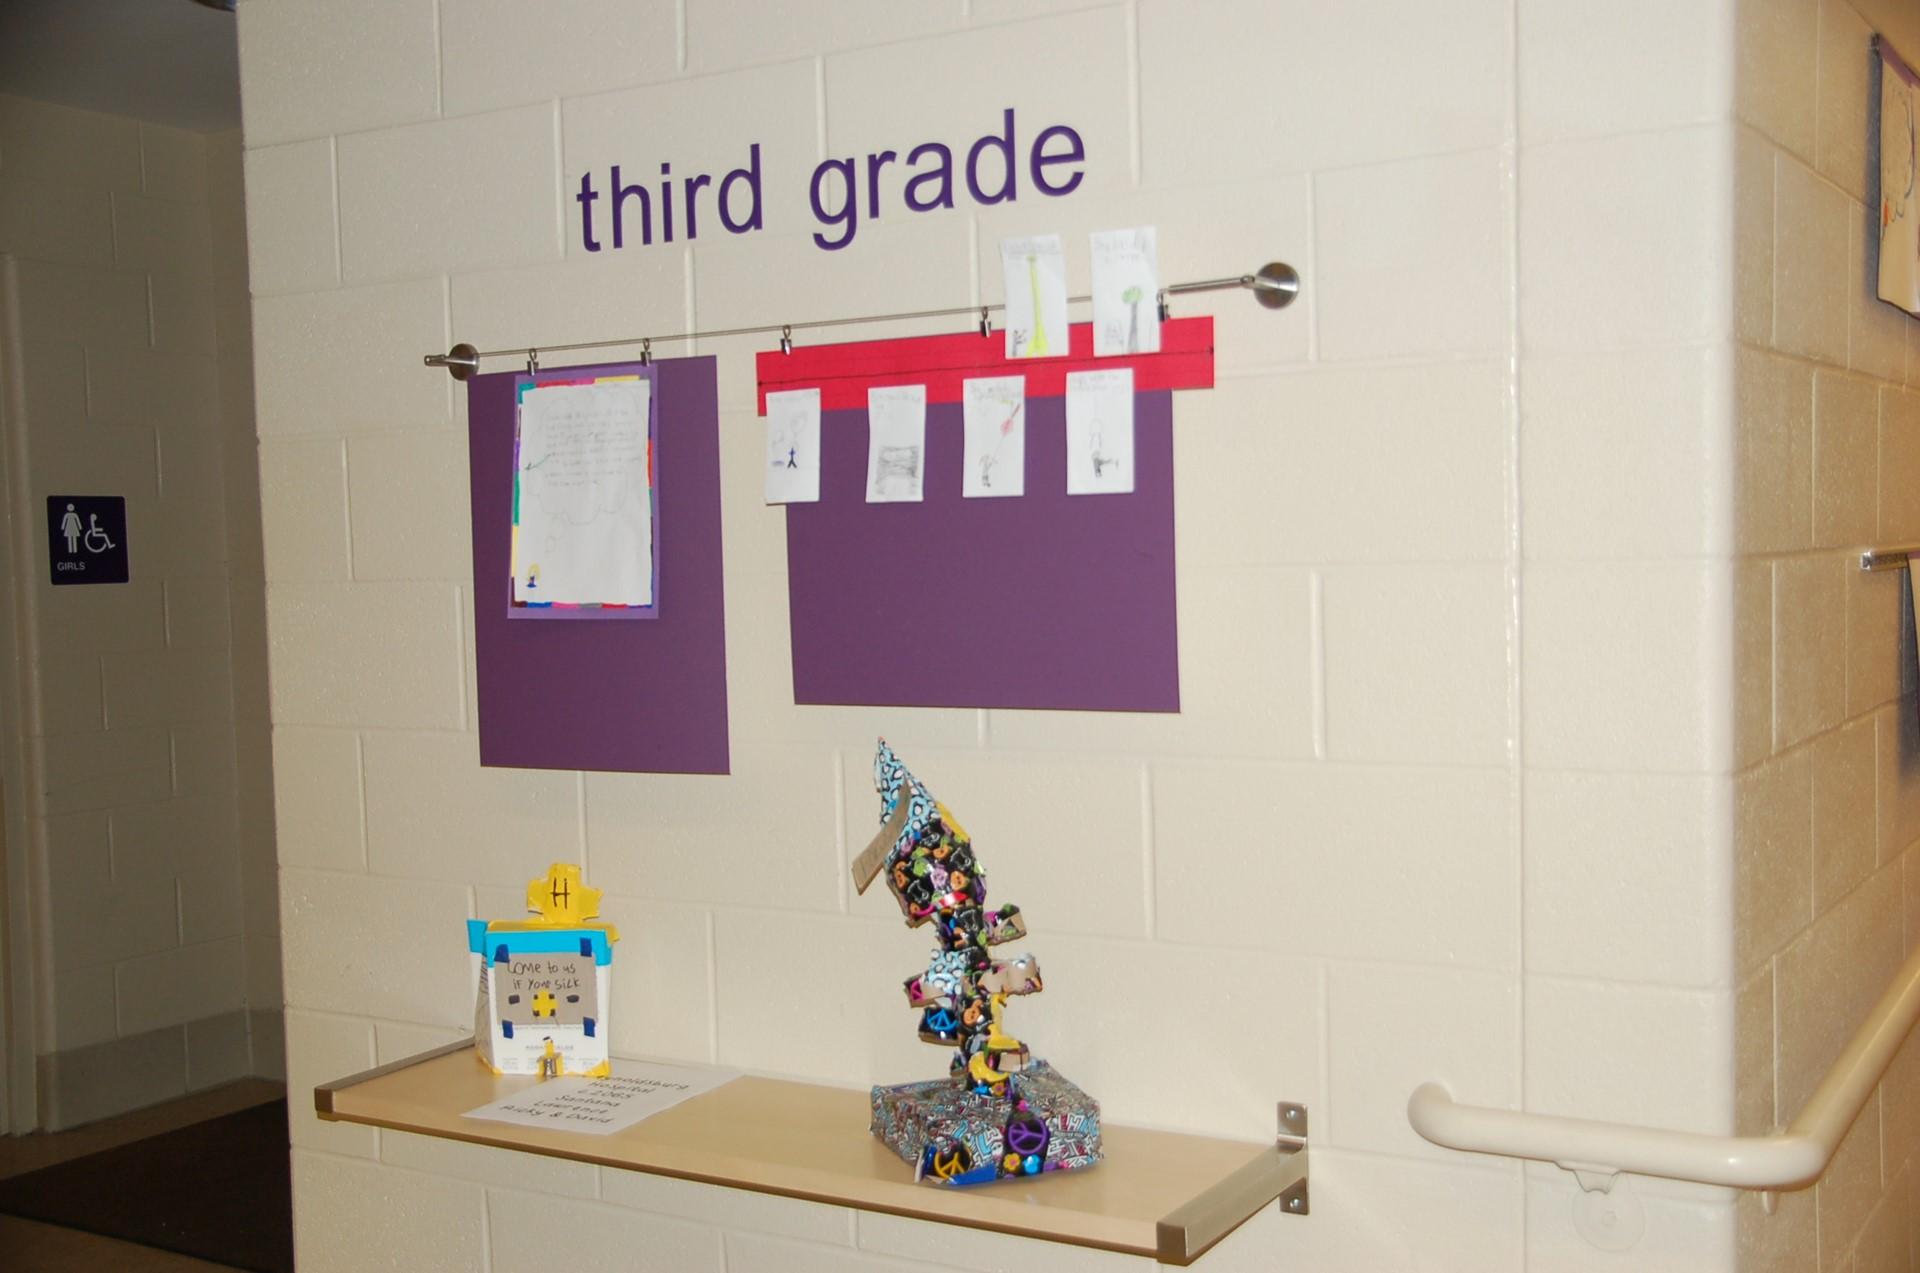 Principal's Gallery showing third grade area.